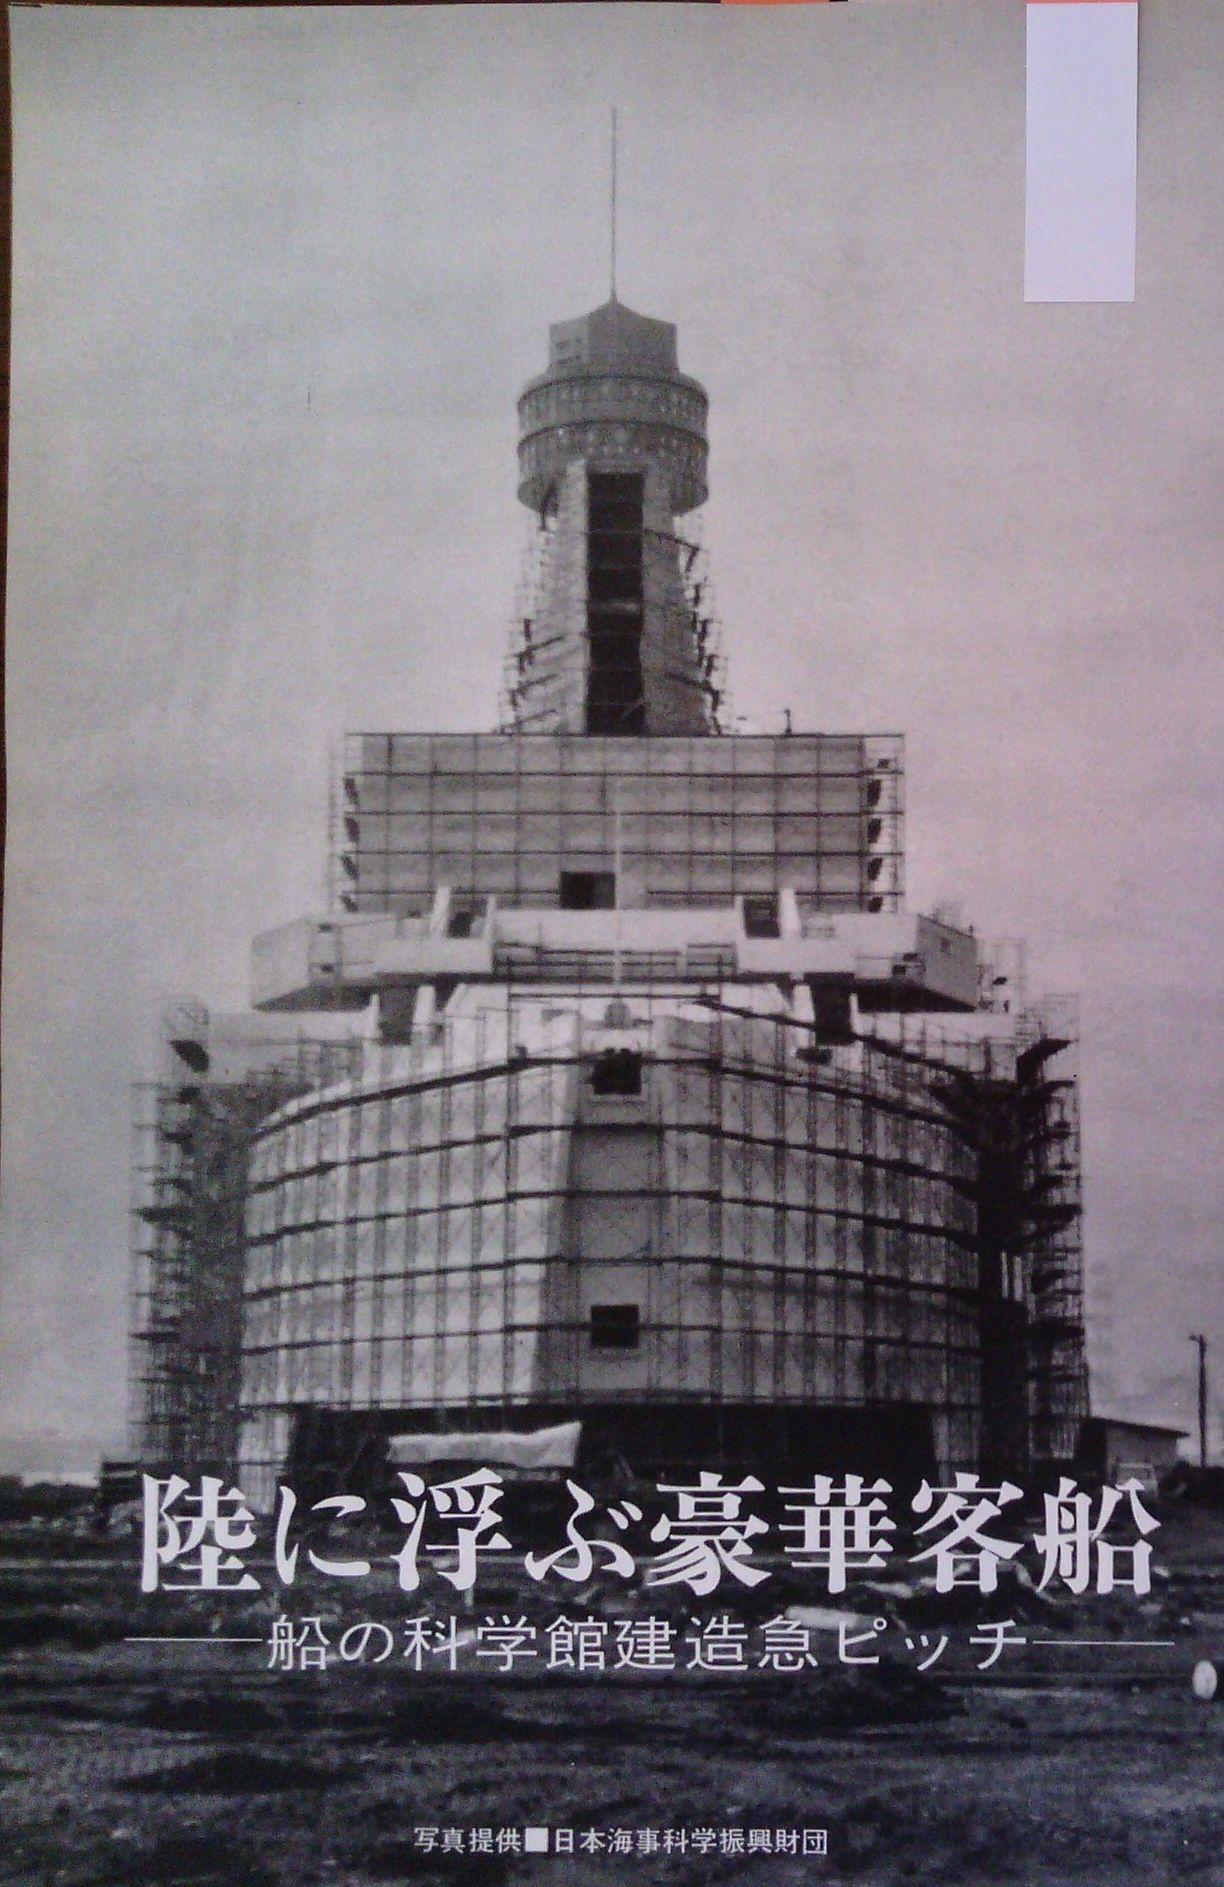 0329  ダイビングの歴史61 海の世界1973-1_b0075059_15014740.jpg